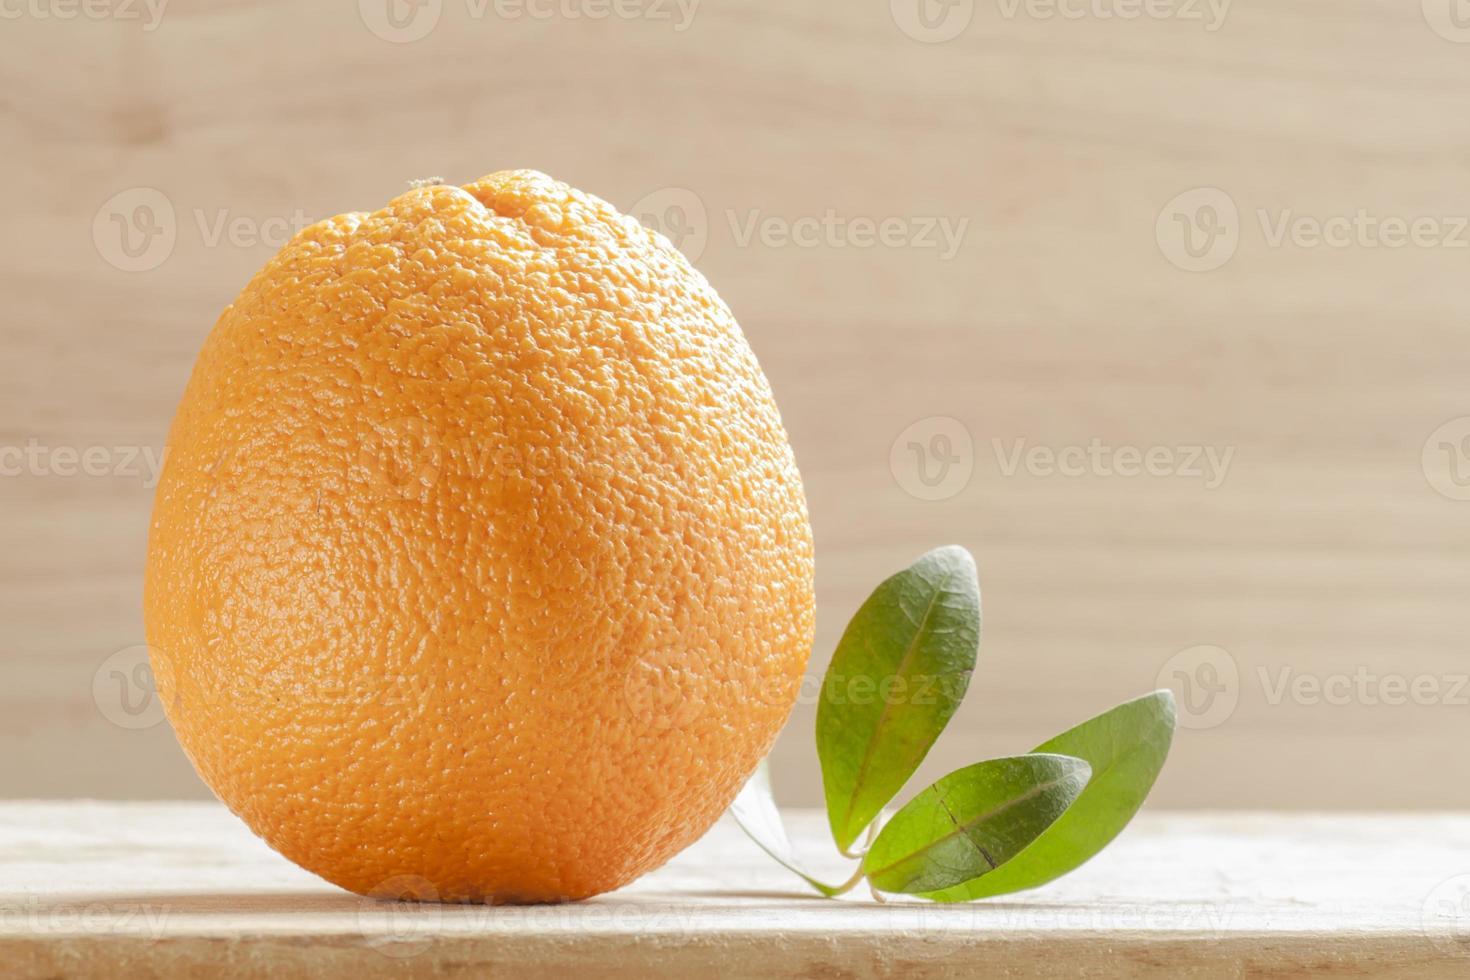 arancione su una tavola di legno foto